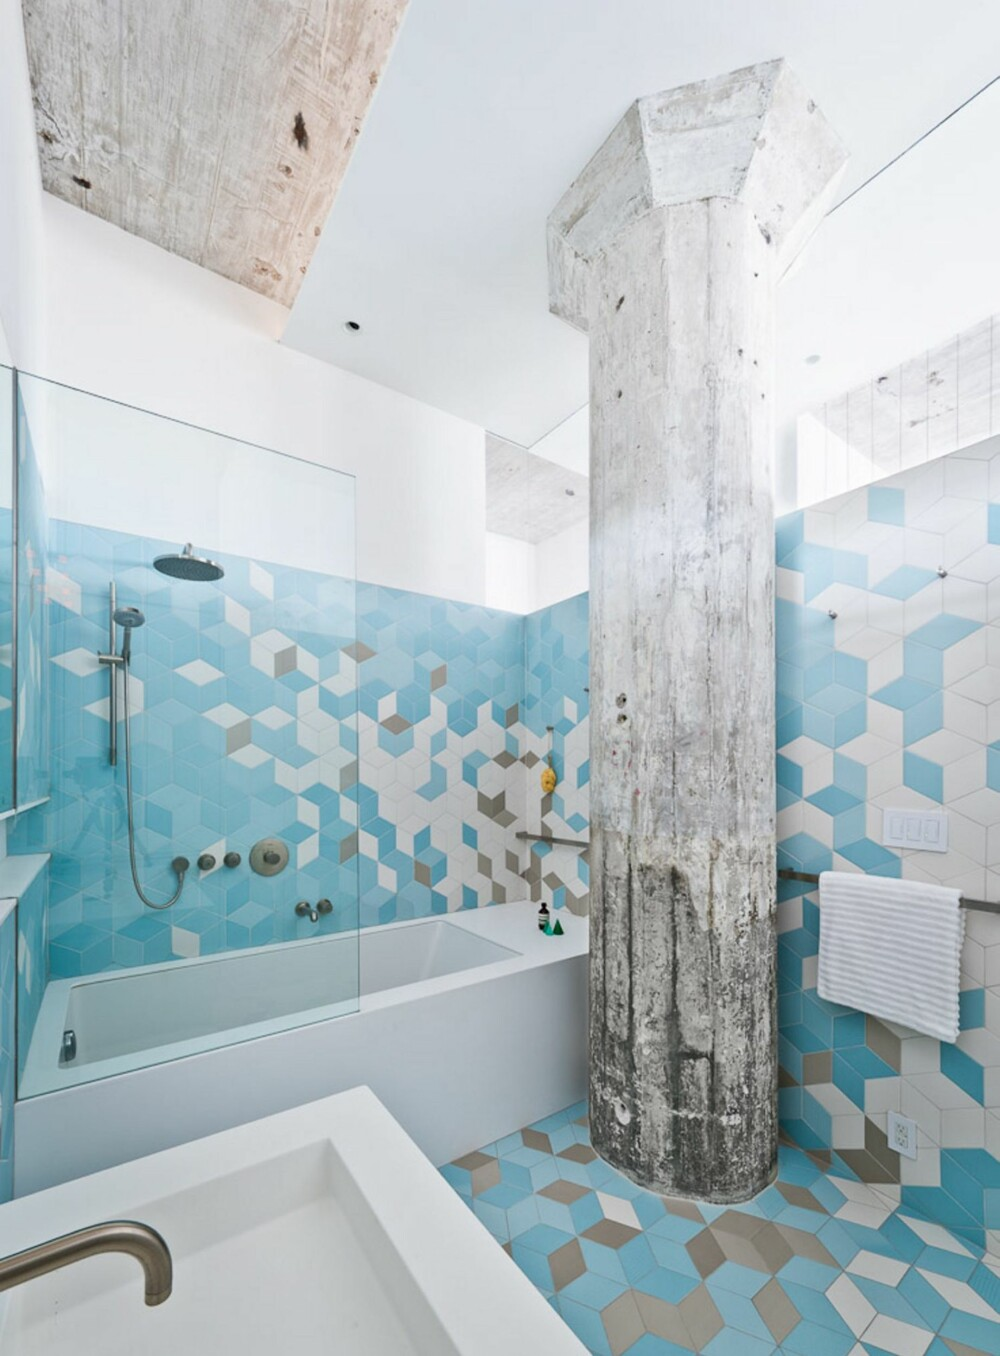 NATURLIG LYS: I stedet for å bygge hele badet inn, ble den øverste delen av den ene veggen utstyrt med glass, slik at det naturlige lyset kunne slippe inn.